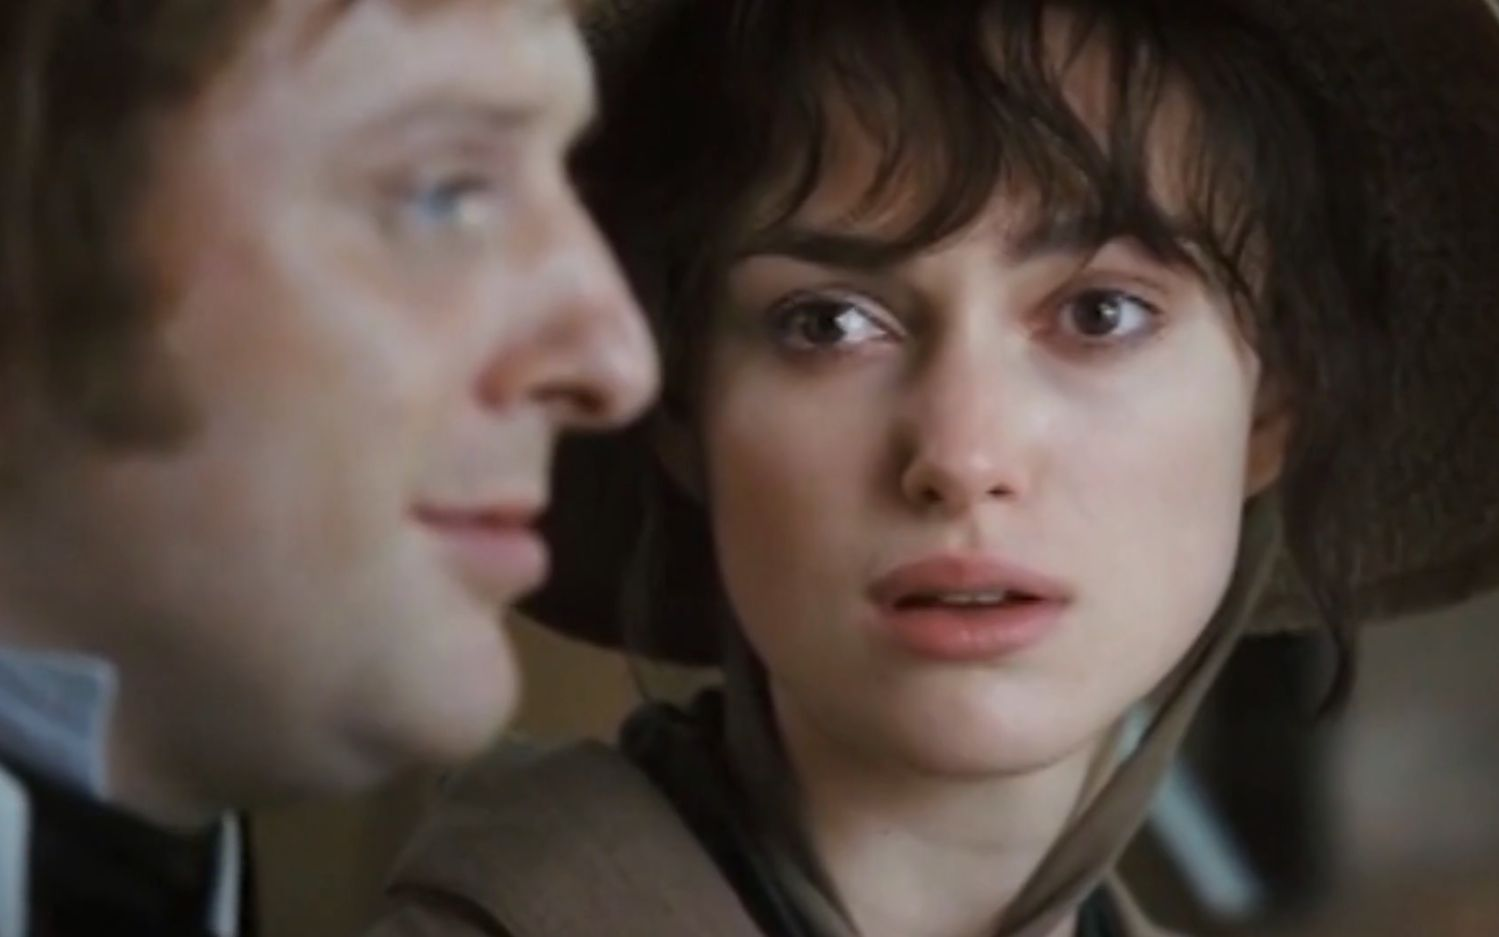 就是让你爱上我优酷_一见钟情是怎样的体验?回味经典电影中最令人心动的10个初见 ...